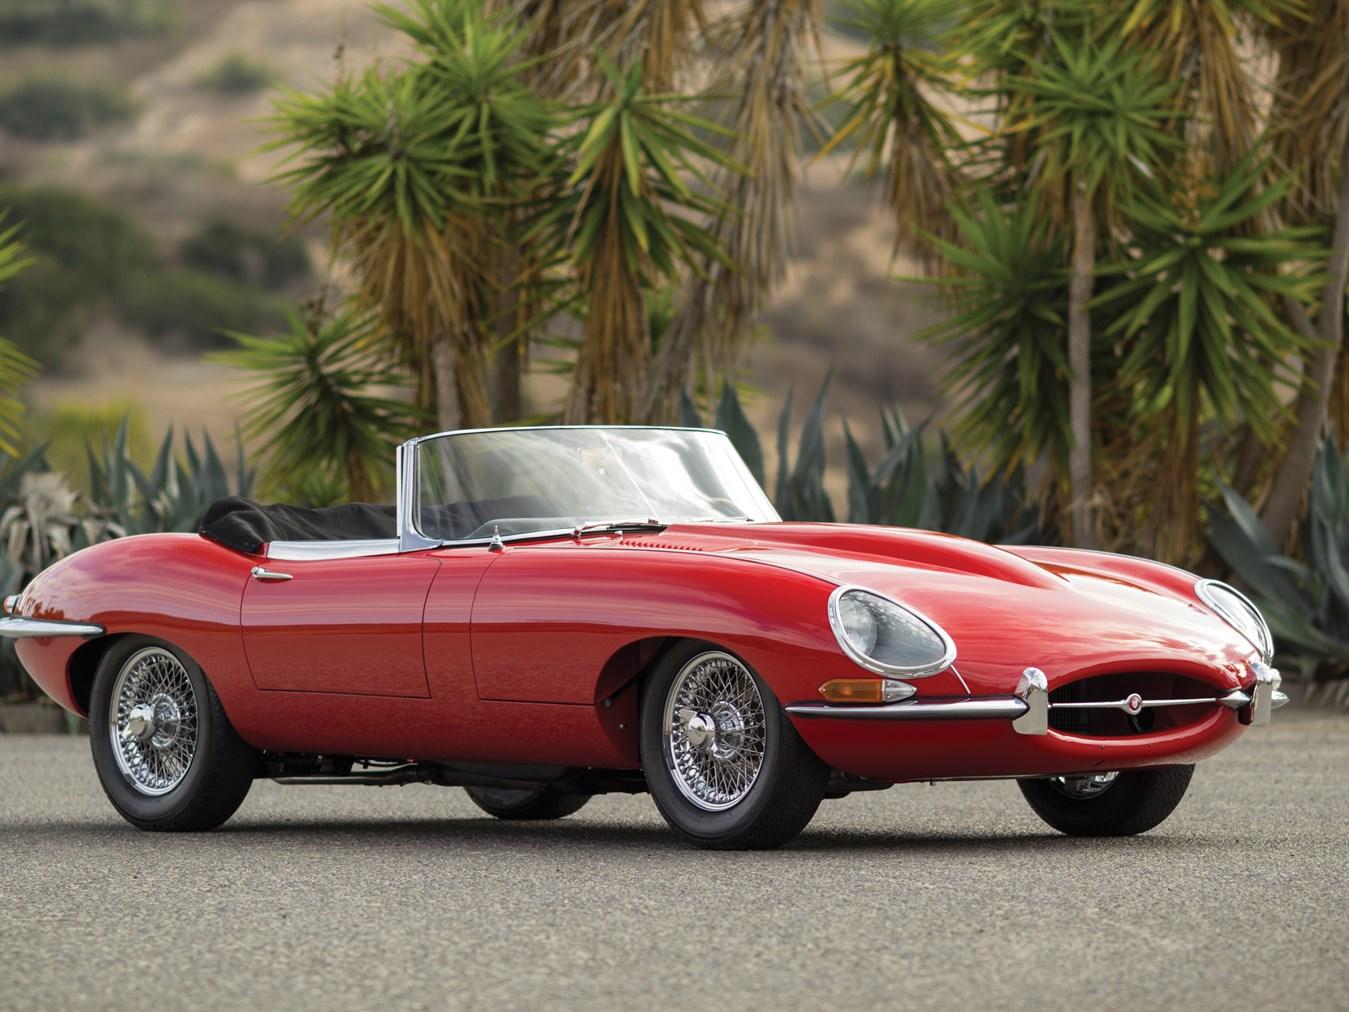 Jaguar jaguar e : RM Sotheby's - 1962 Jaguar E-Type Series 1 3.8-Litre Roadster ...